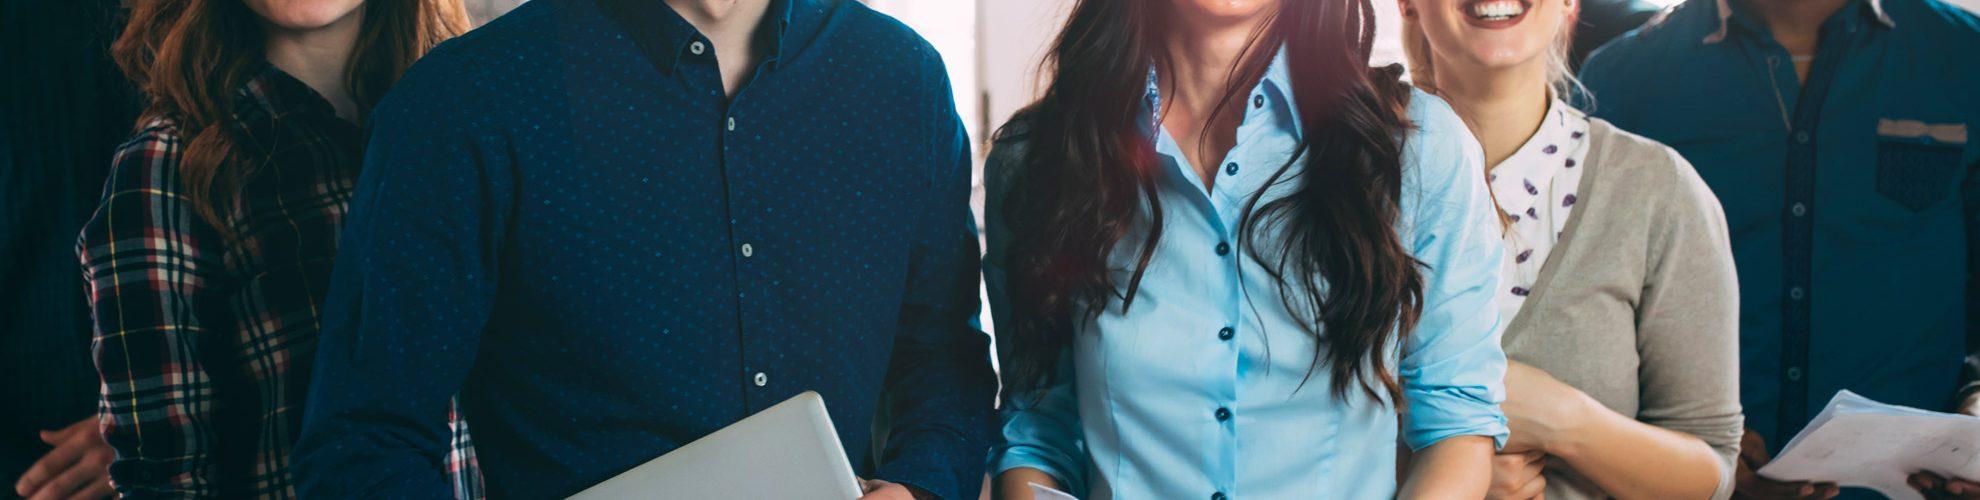 Consulenti del lavoro: tutte le novità della legge di bilancio 2019 in materia di lavoro